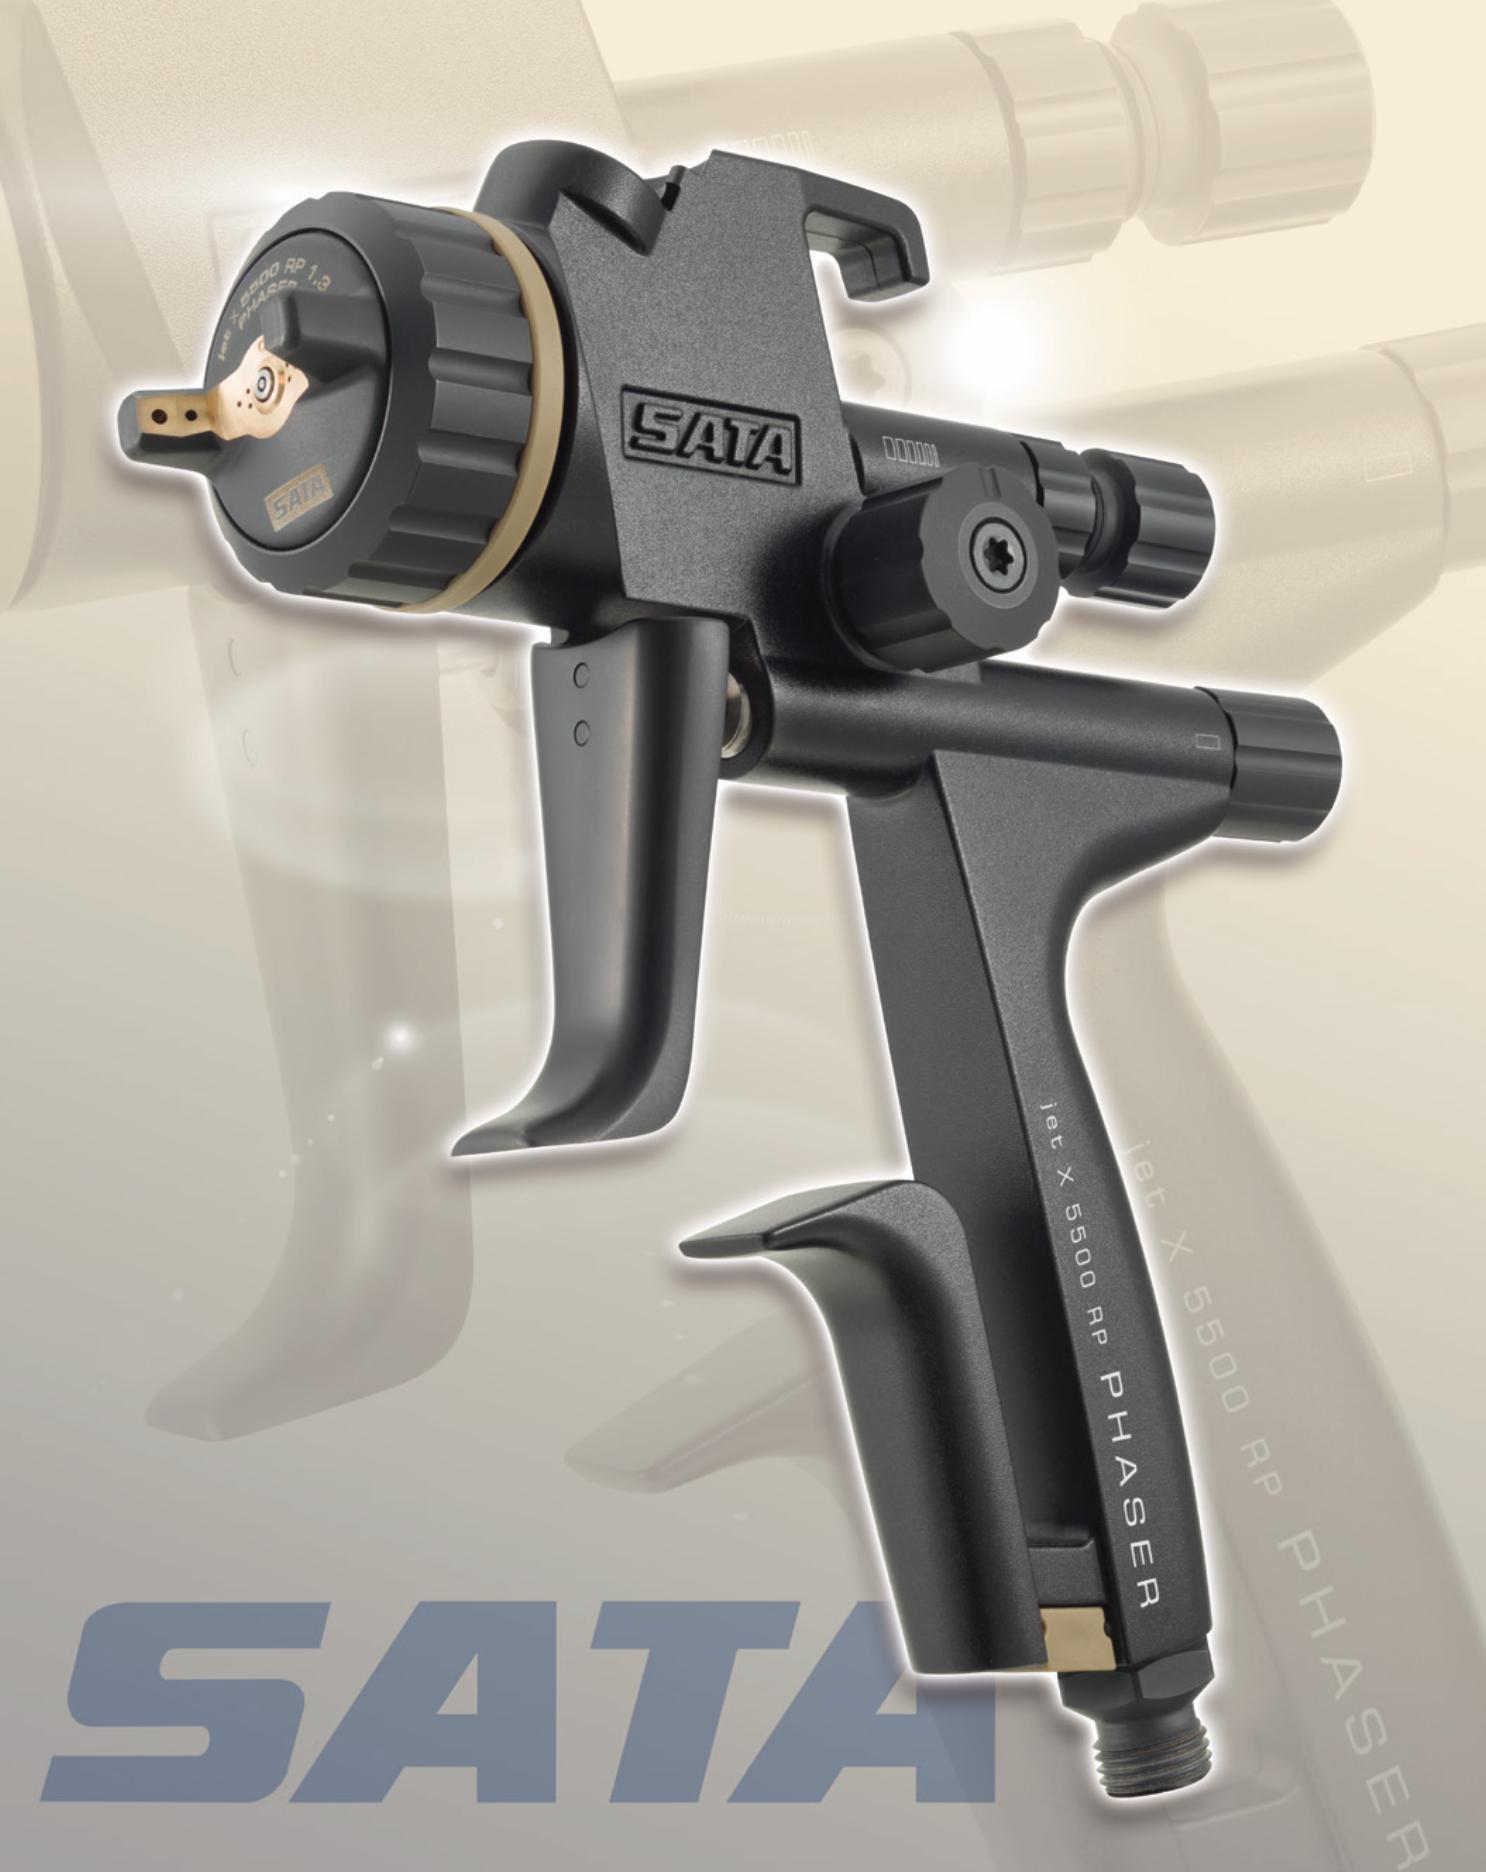 SATAjet X 5500 PHASER: Futuristic gun for varnishing pros